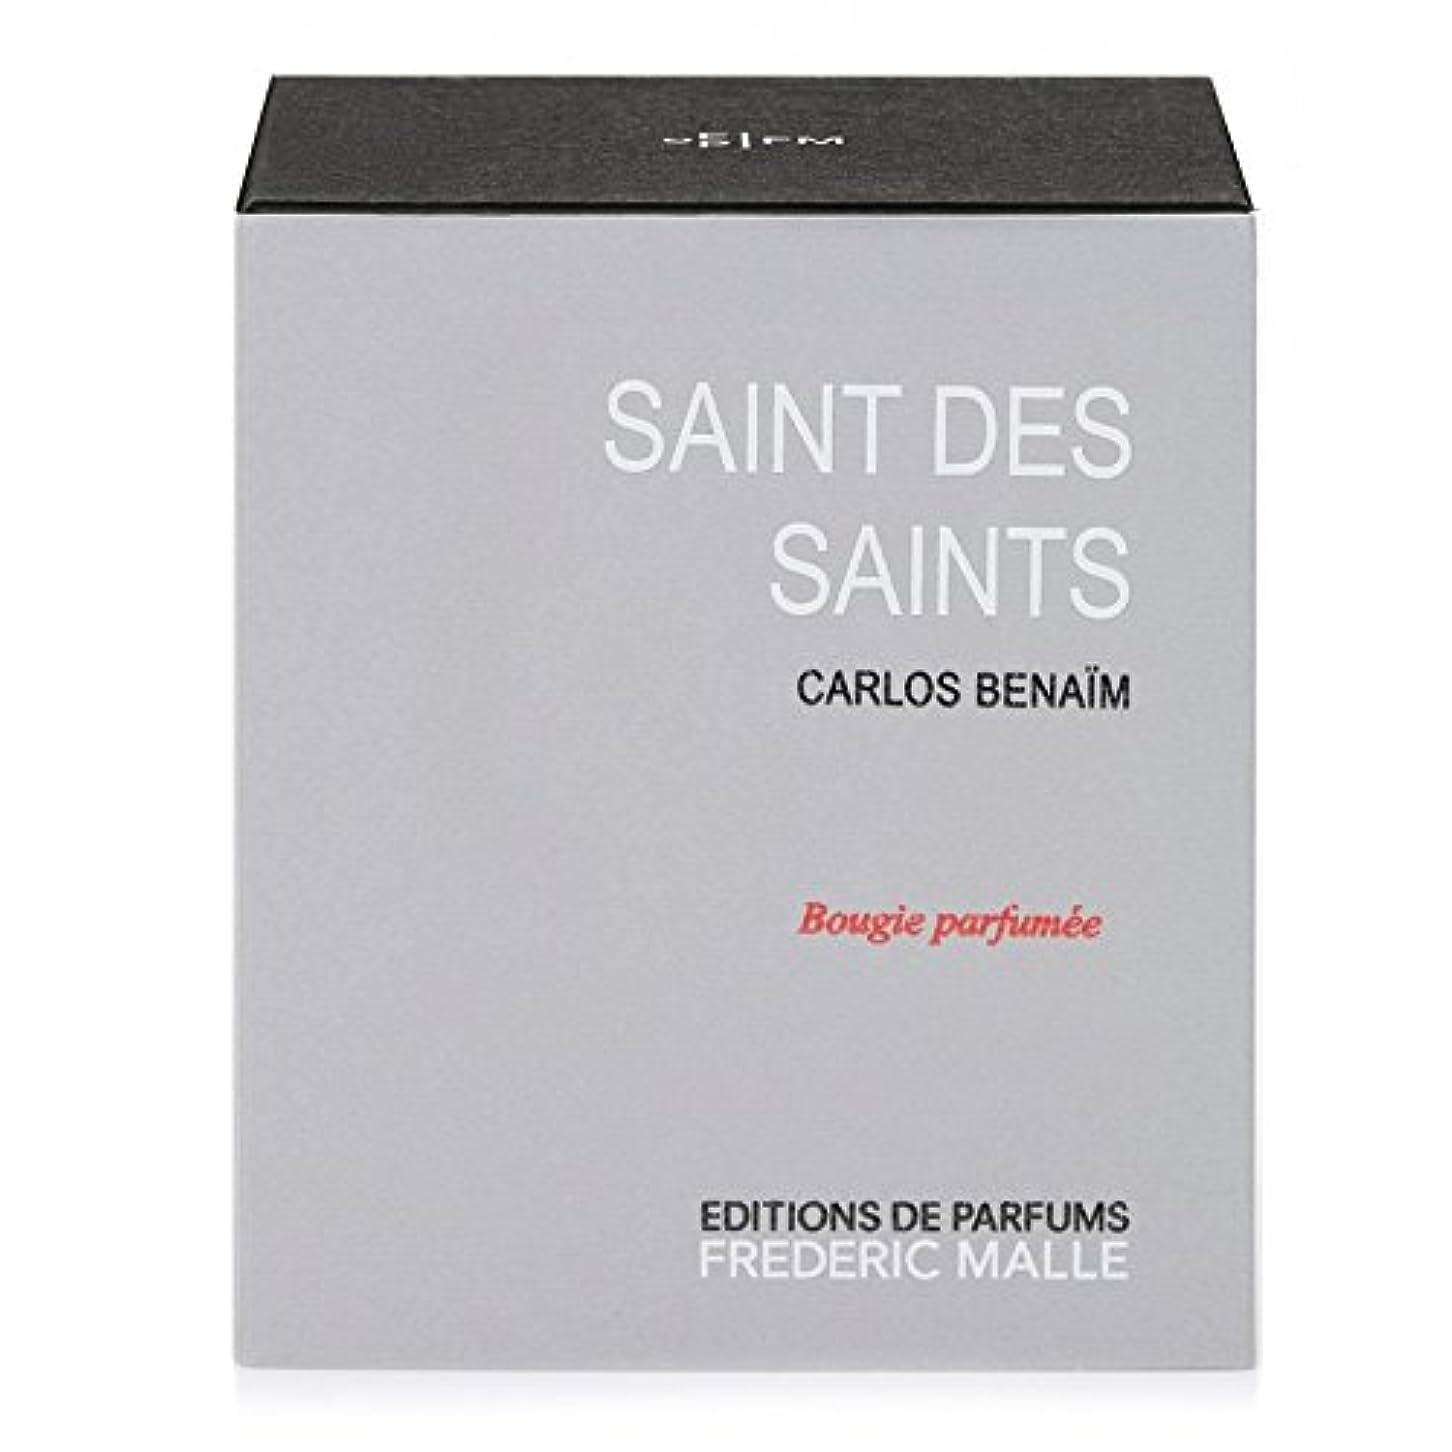 抵抗する誓約コンベンションFrederic Malle Saint Des Saints Scented Candle 220g (Pack of 4) - フレデリック?マル聖人デ聖人の香りのキャンドル220グラム x4 [並行輸入品]